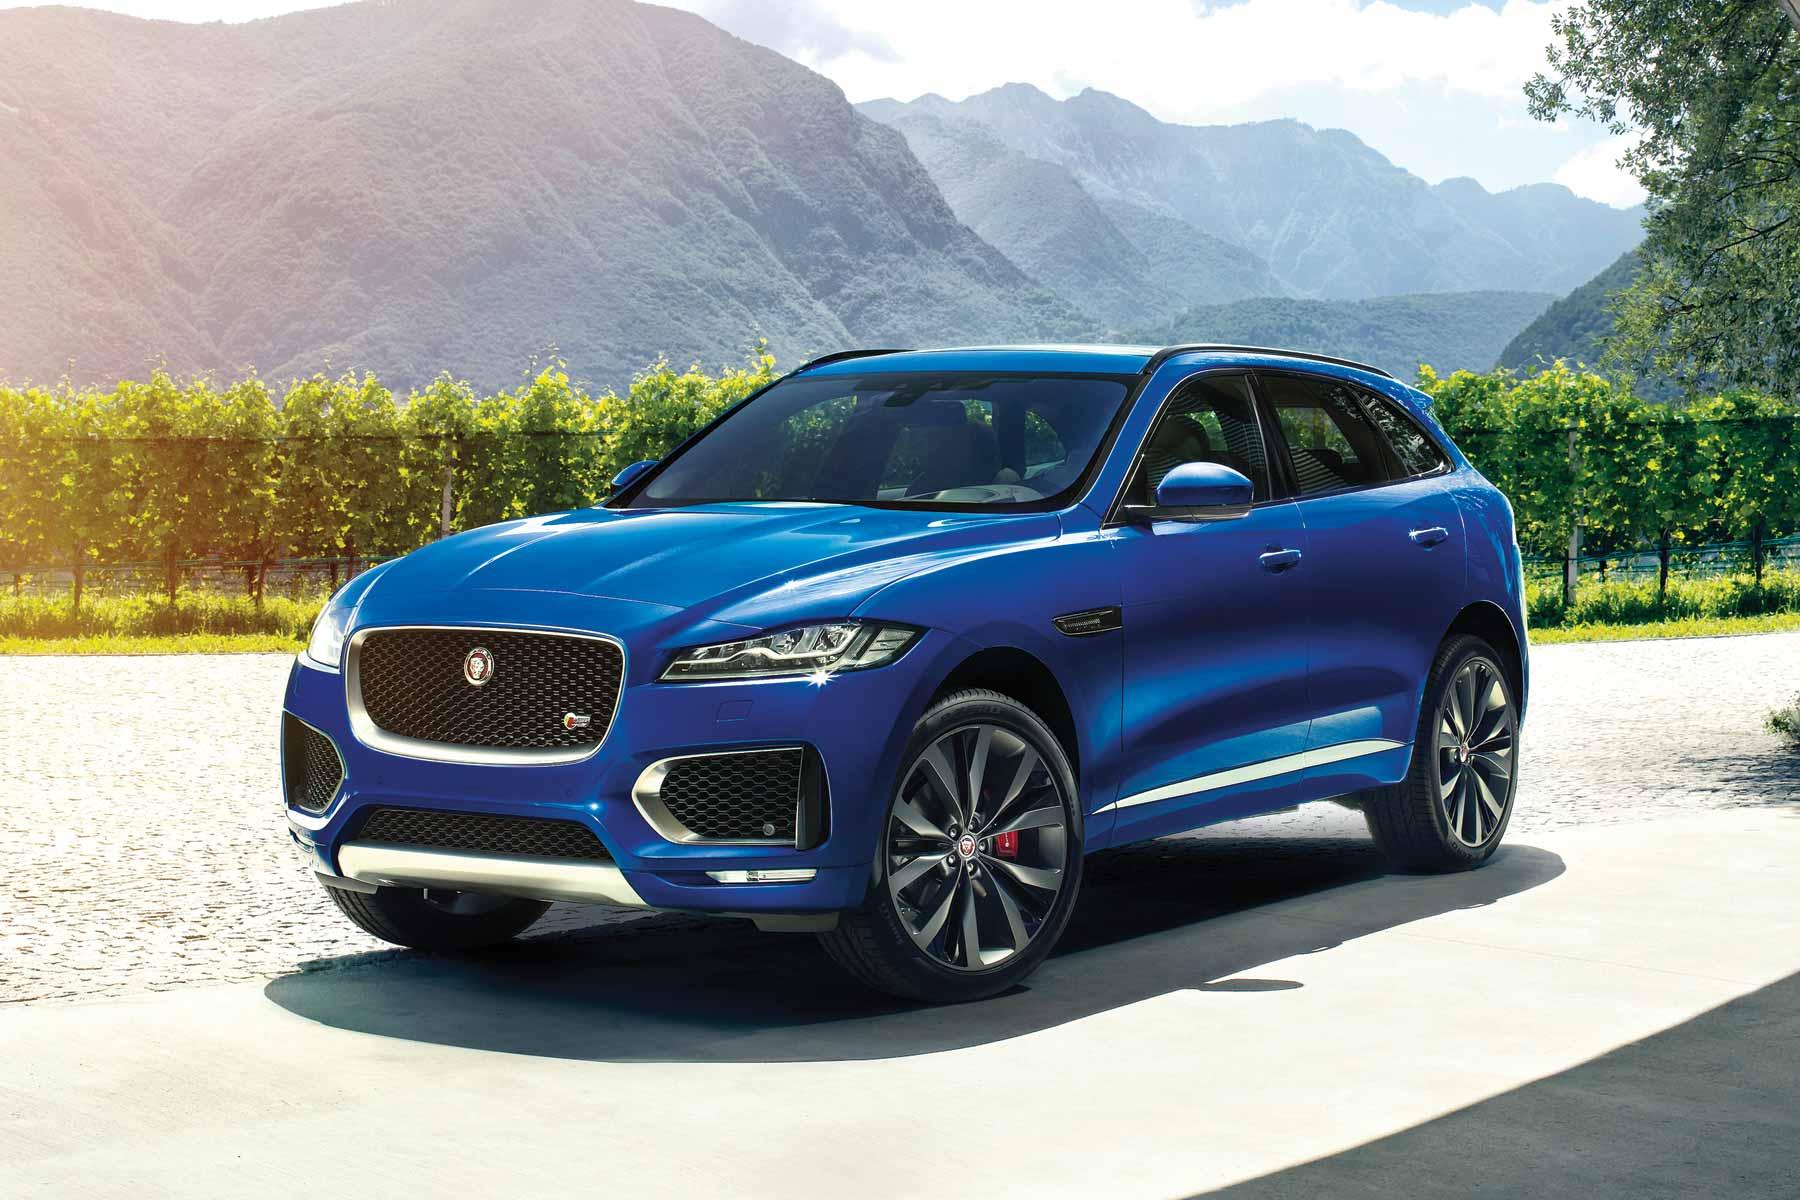 On a testé un SUV de chez Jaguar : F-pace S V6